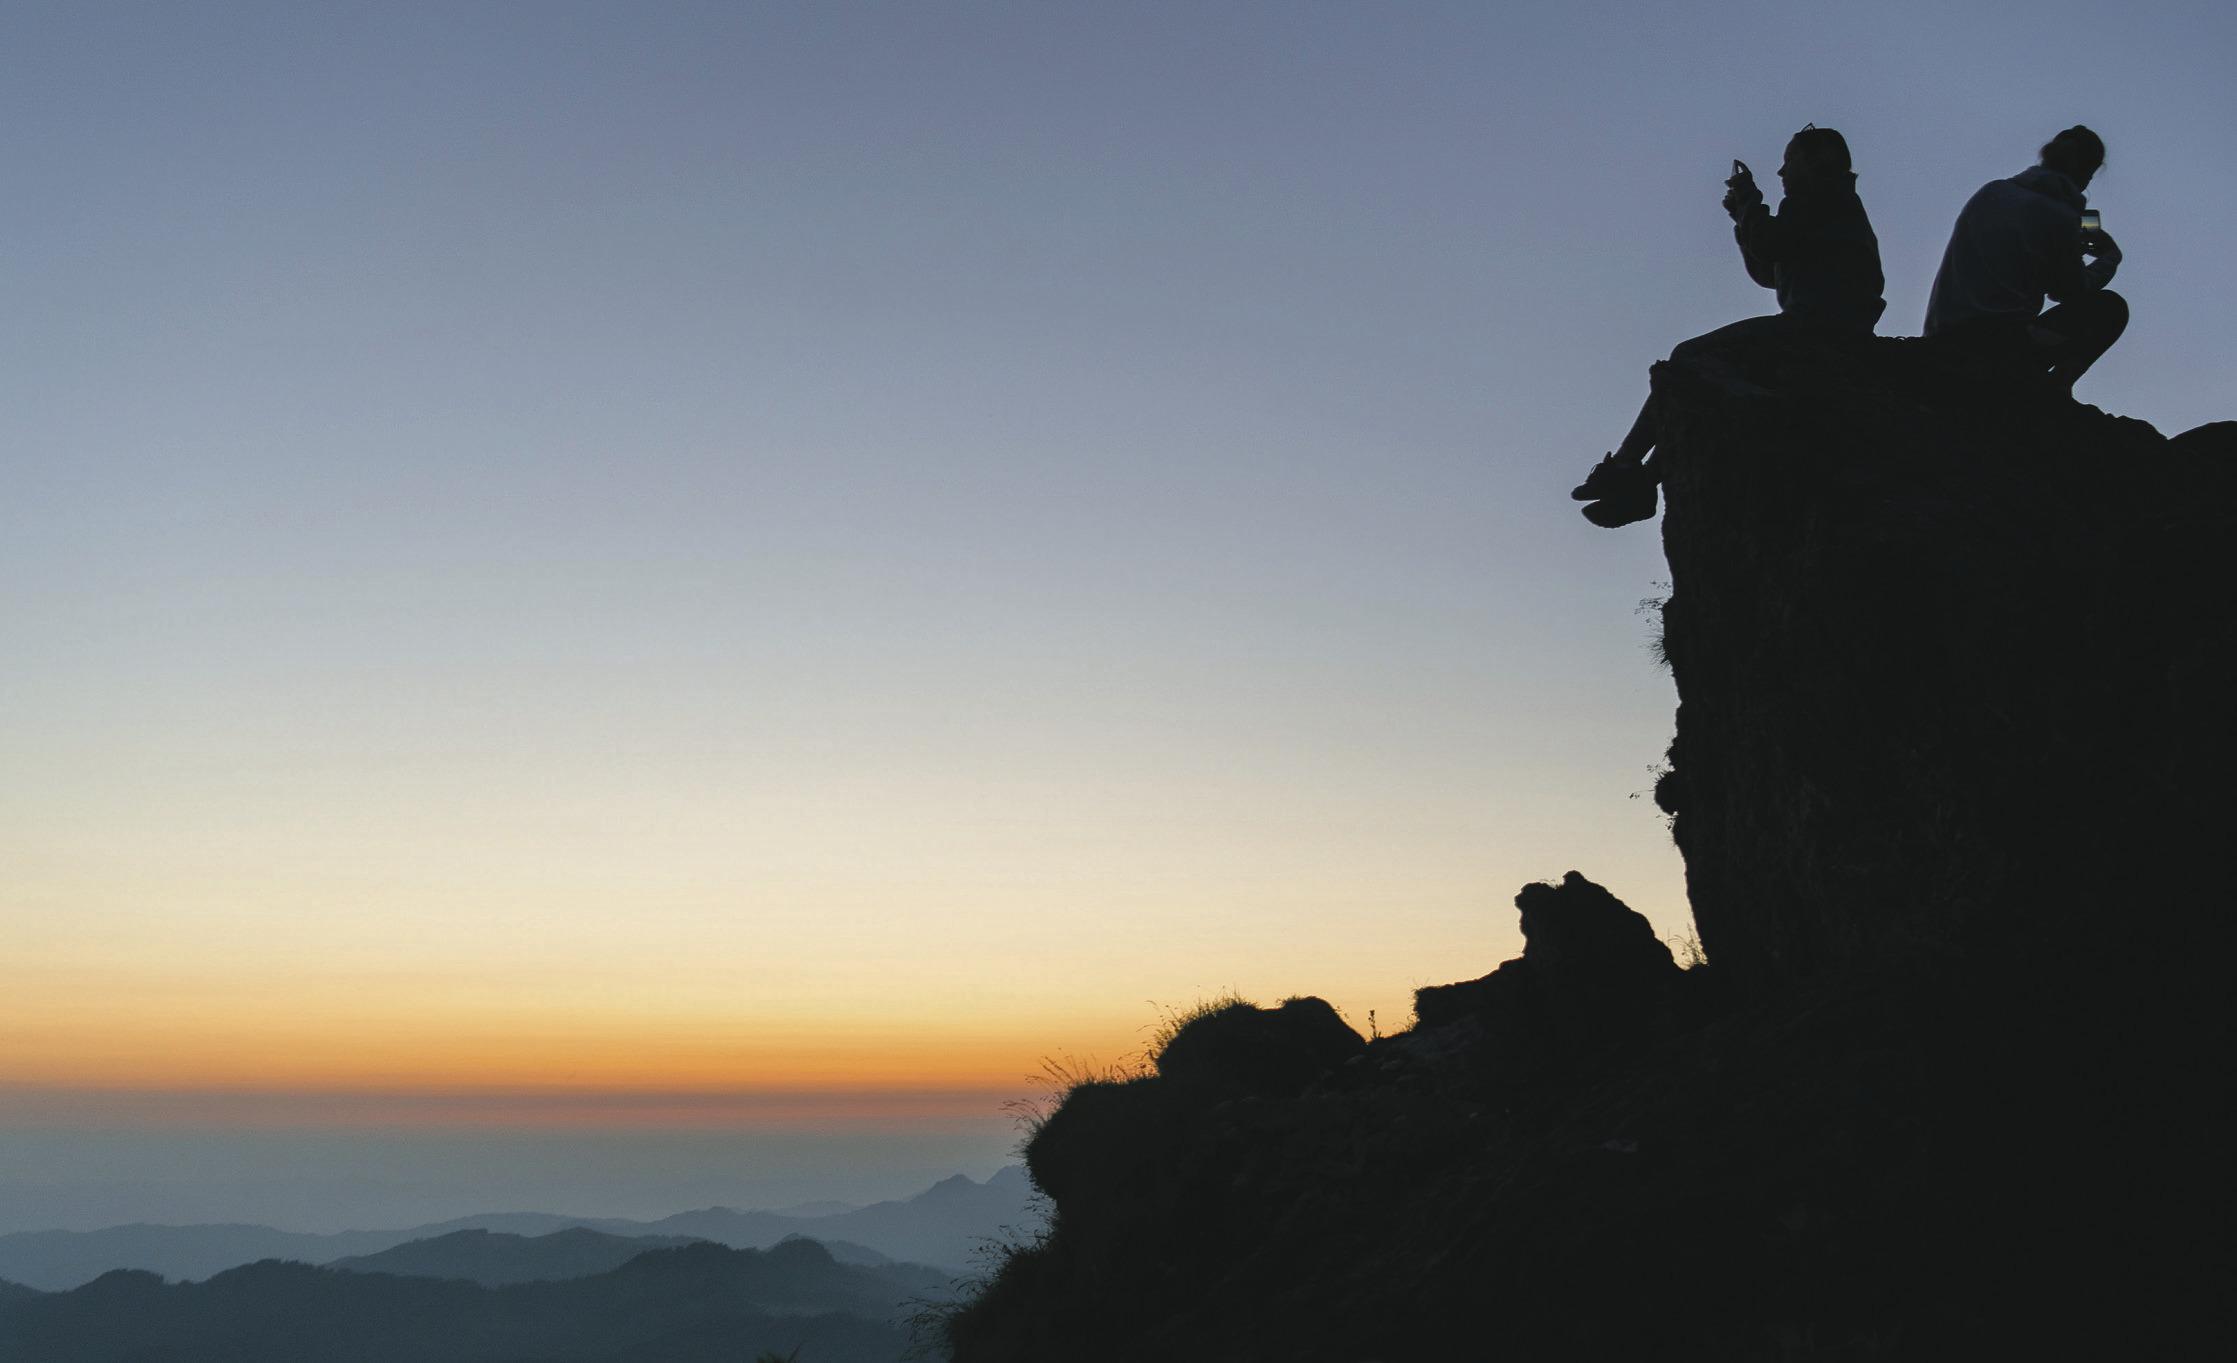 Der Grosse Mythen holt die Wanderer aus ihren Betten